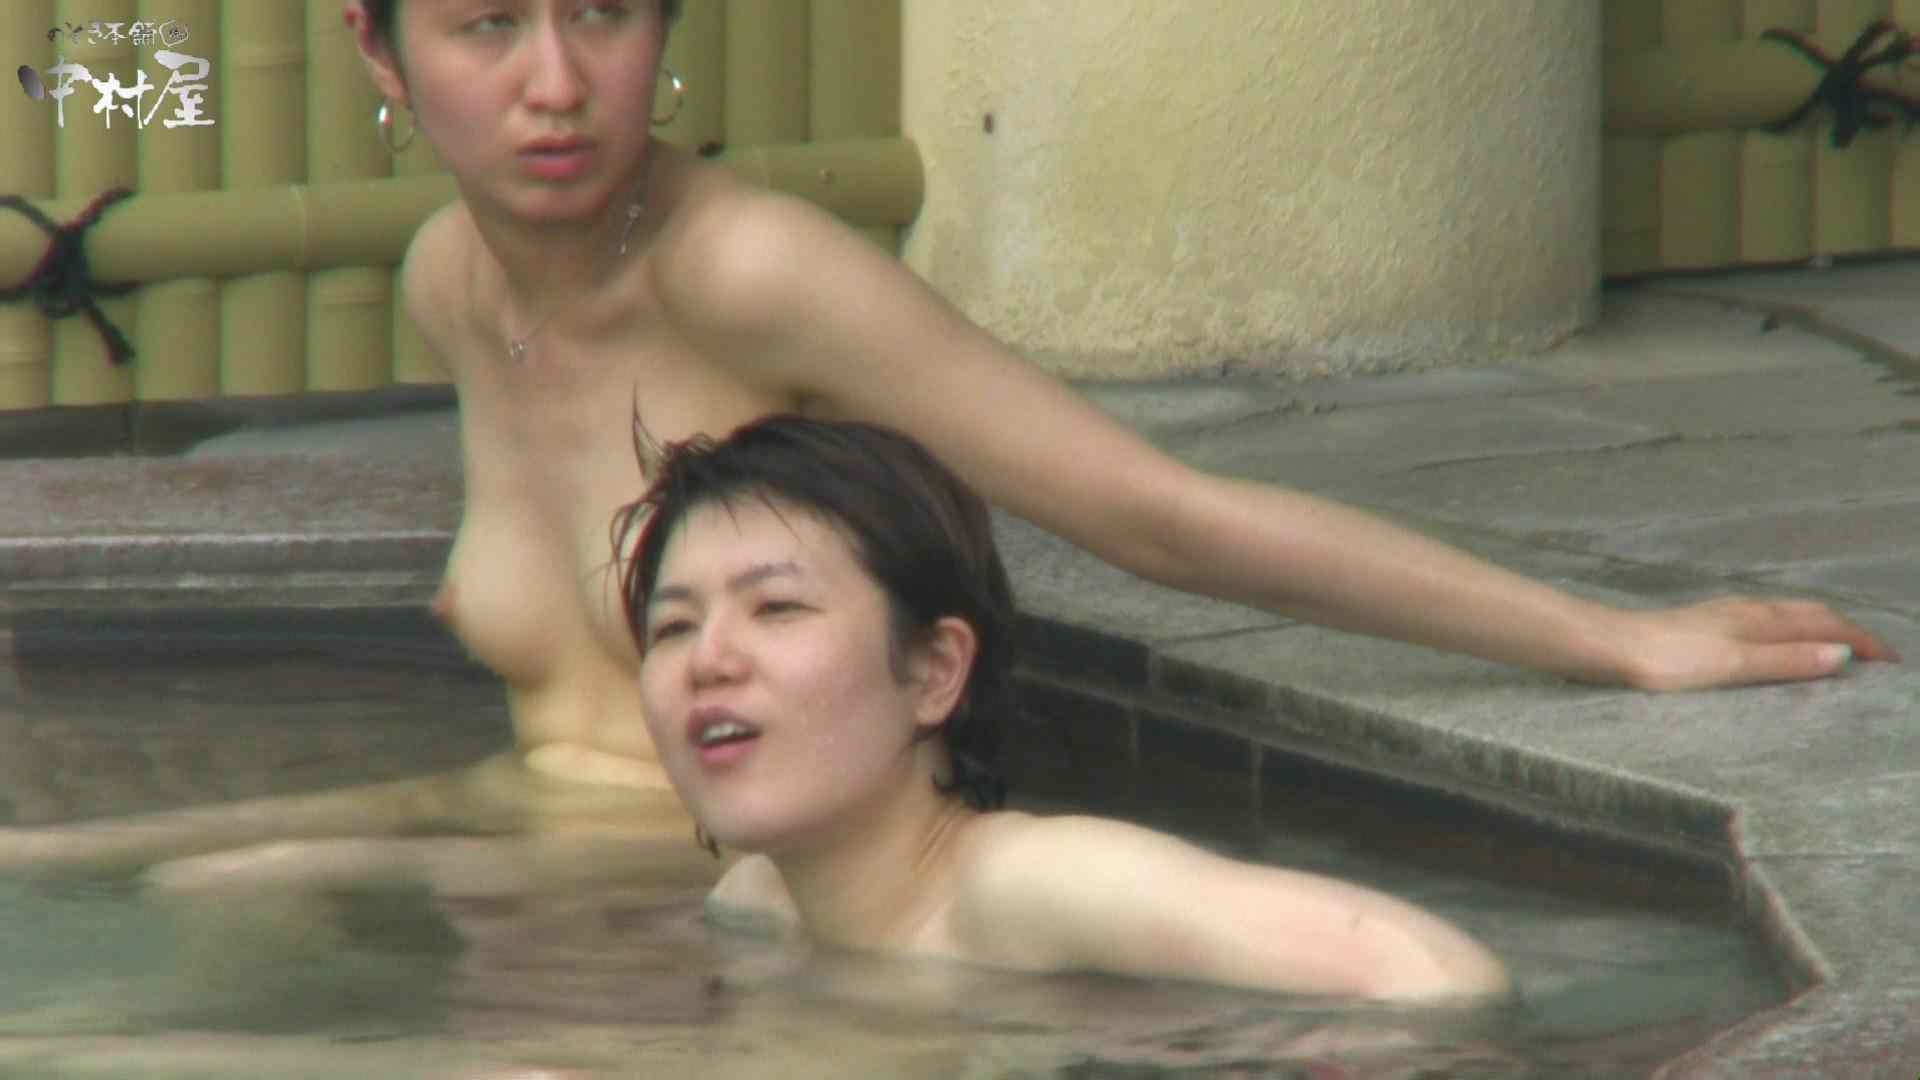 Aquaな露天風呂Vol.945 盗撮  60PICs 33